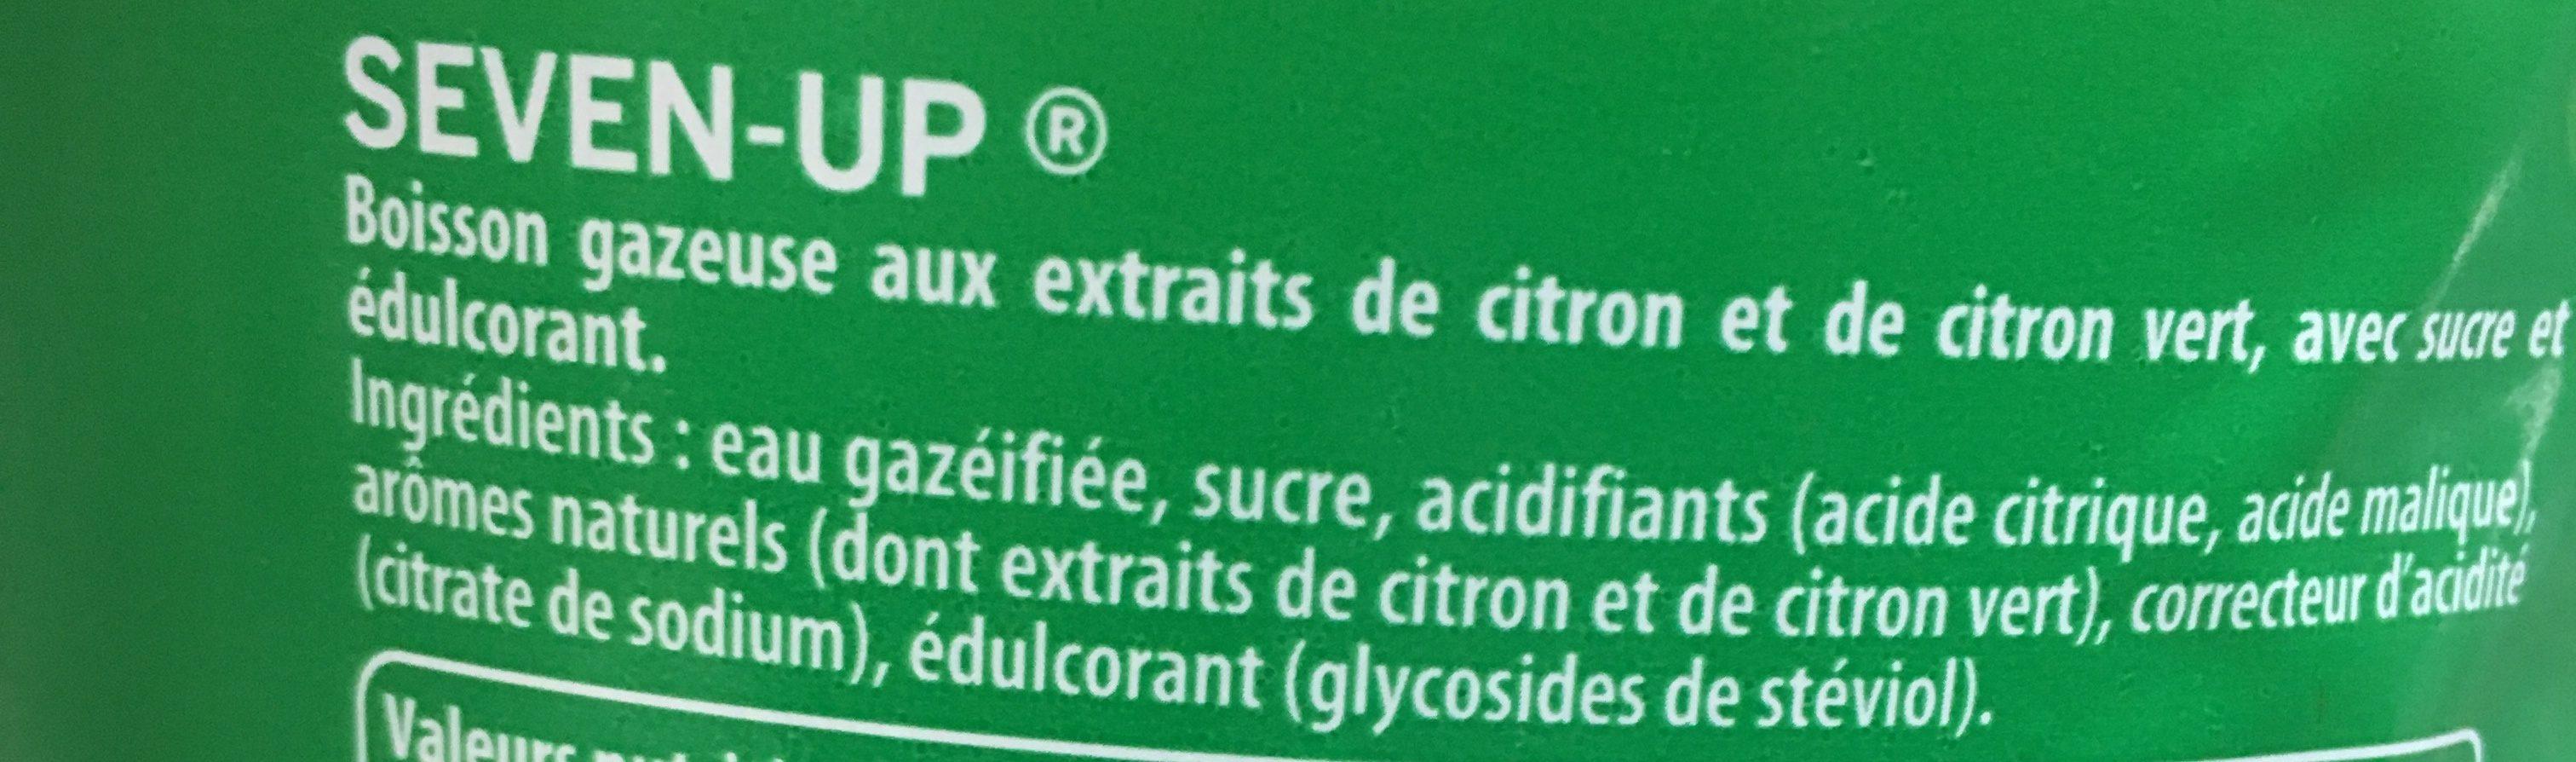 7UP aux Arômes naturels de citron & citron vert format 2 L - Ingrédients - fr